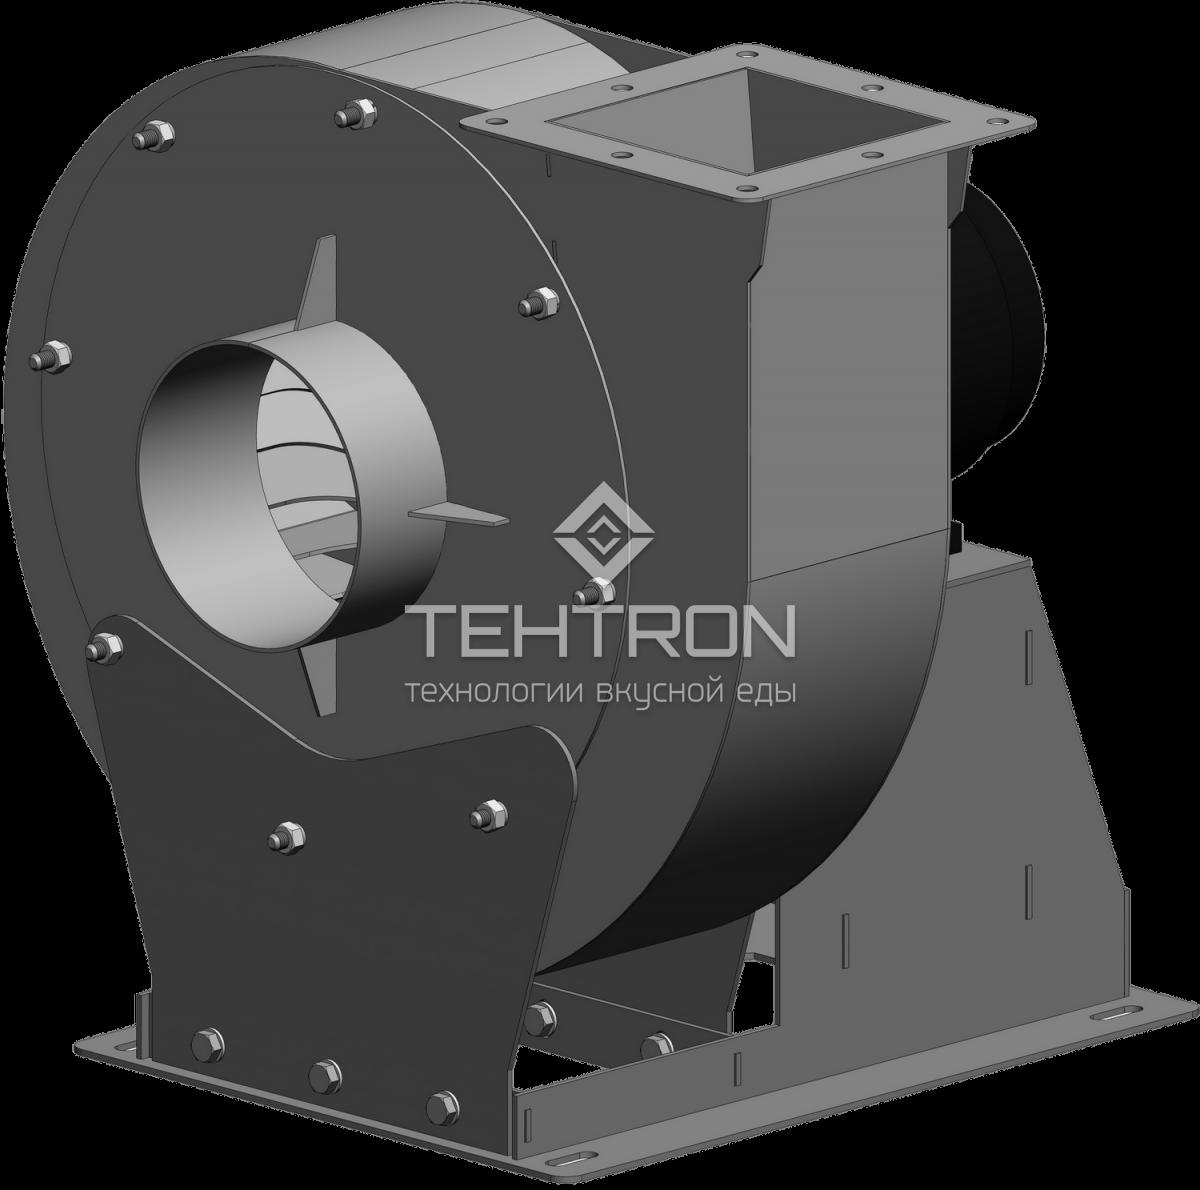 Вытяжной вентилятор для термокамер Tehtron